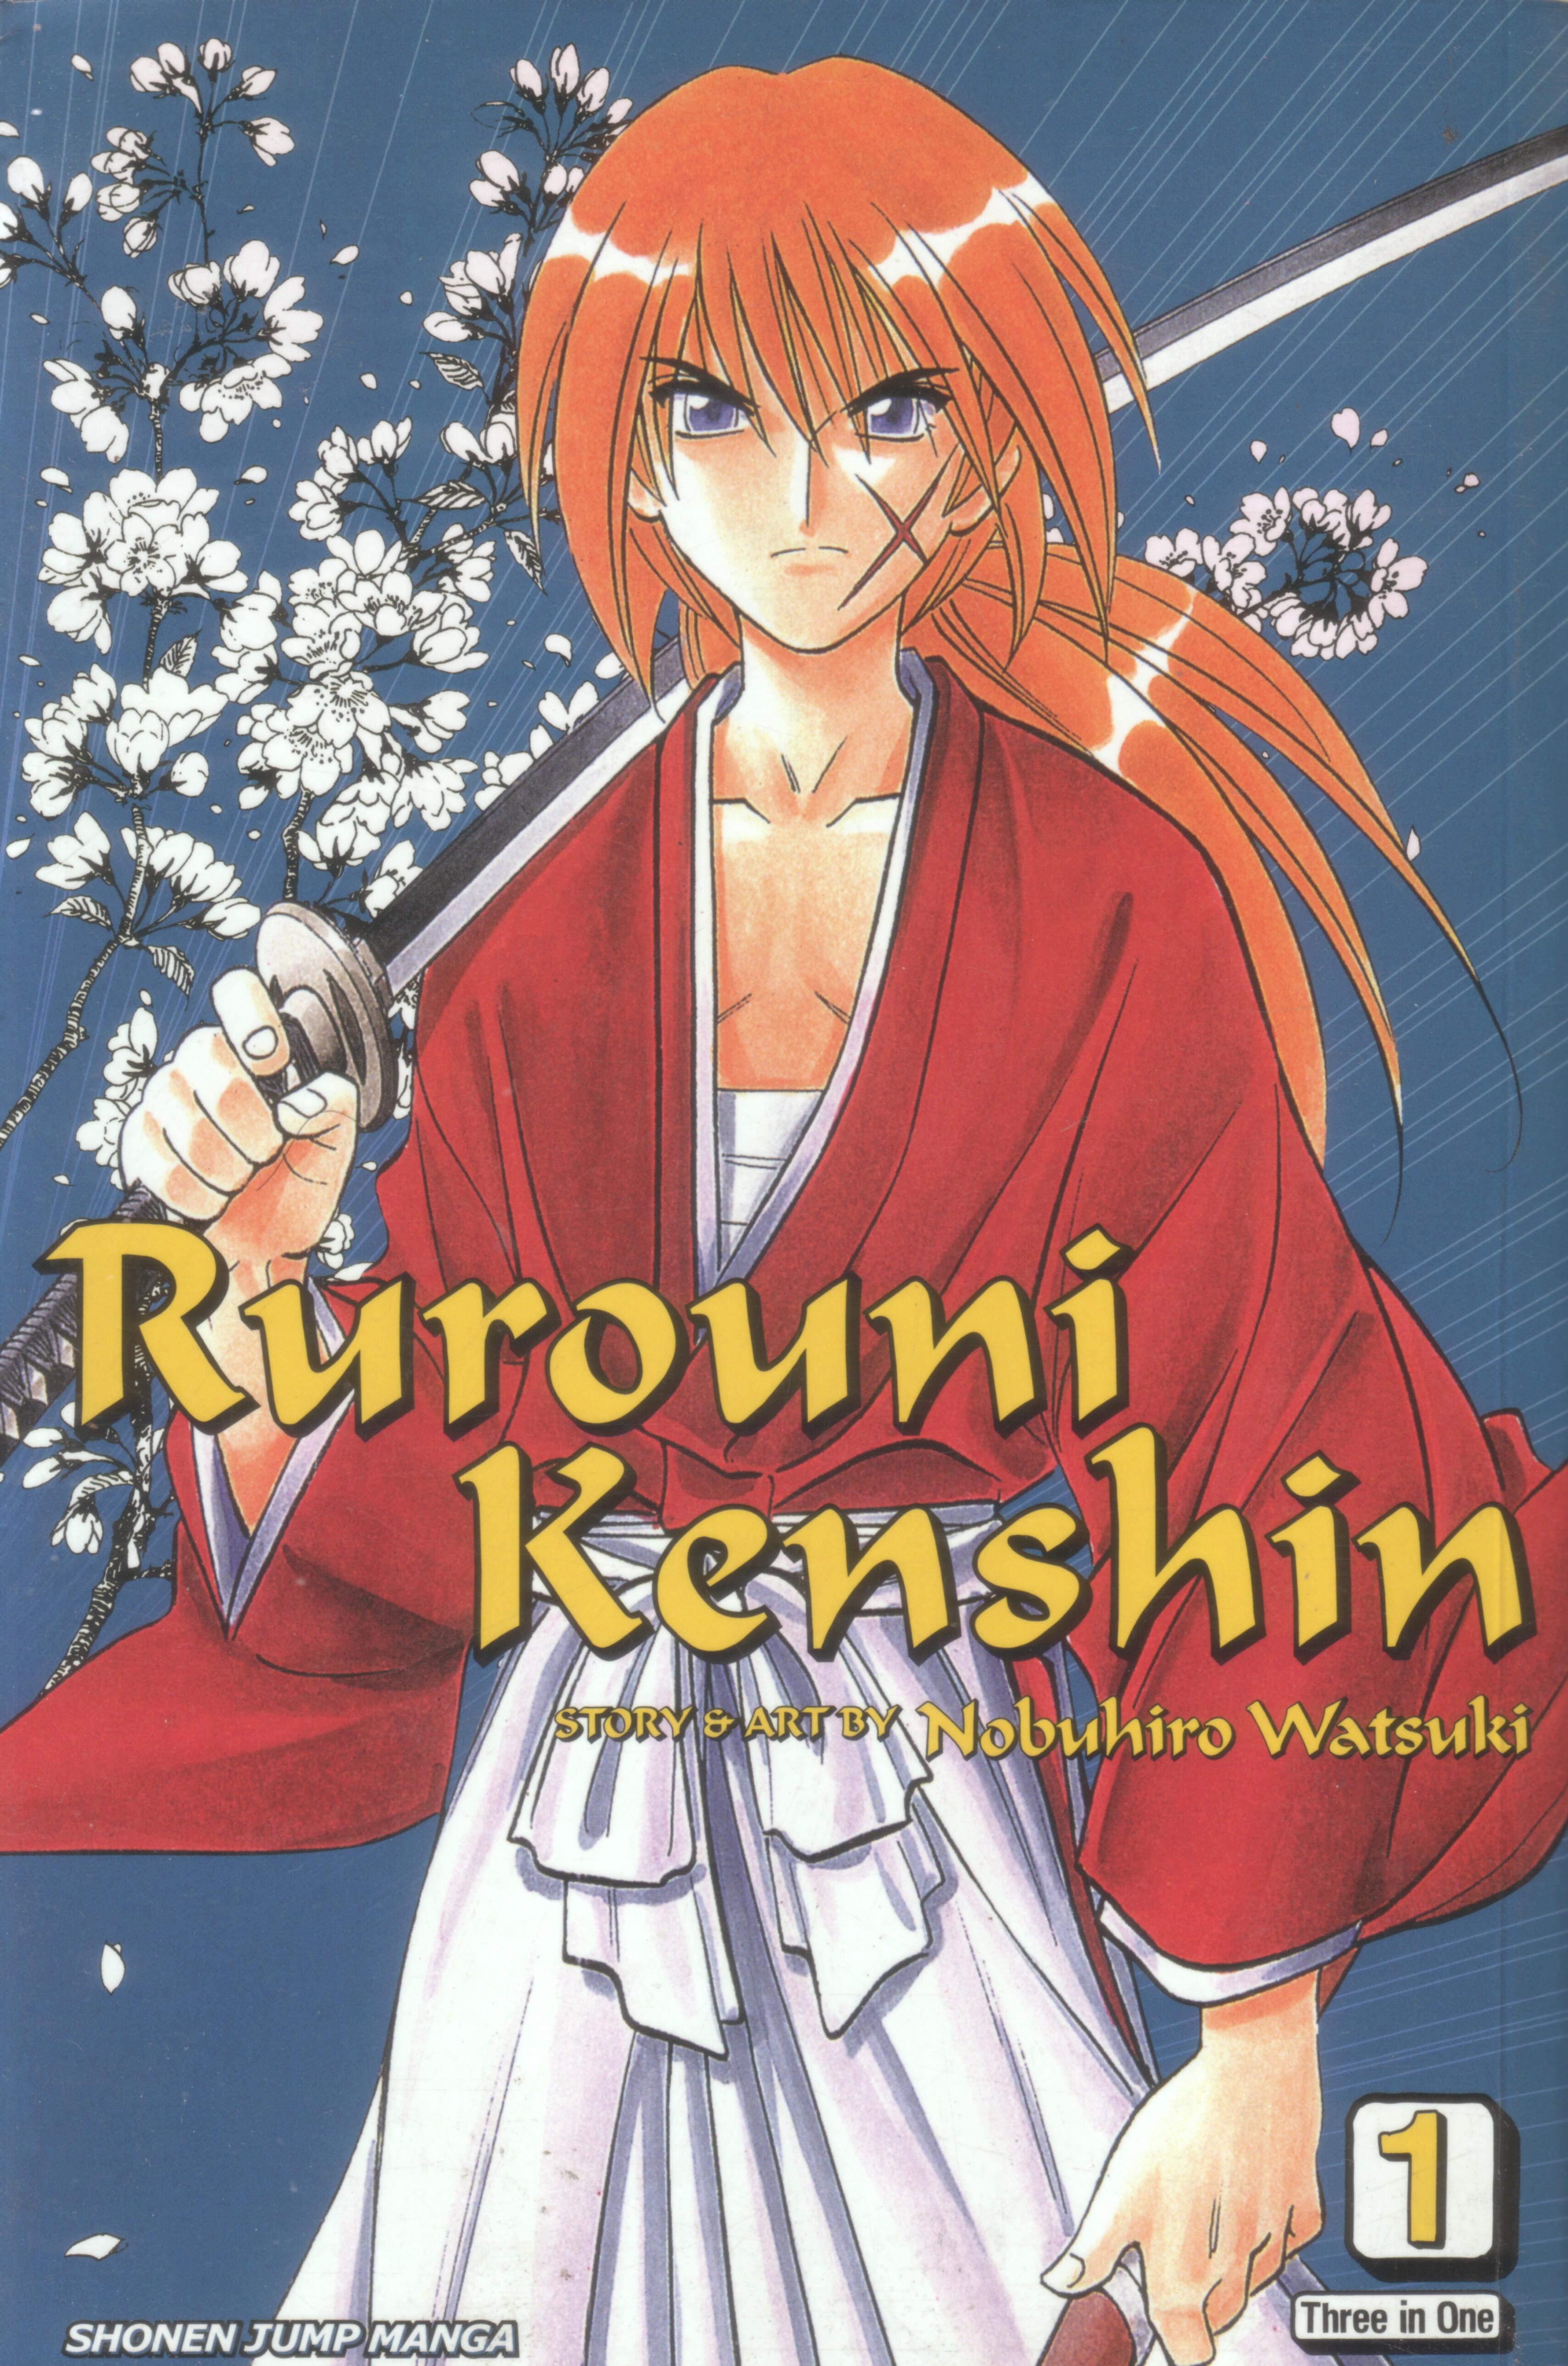 Rurouni Kenshin: vizbig vol 1 - Minitokyo